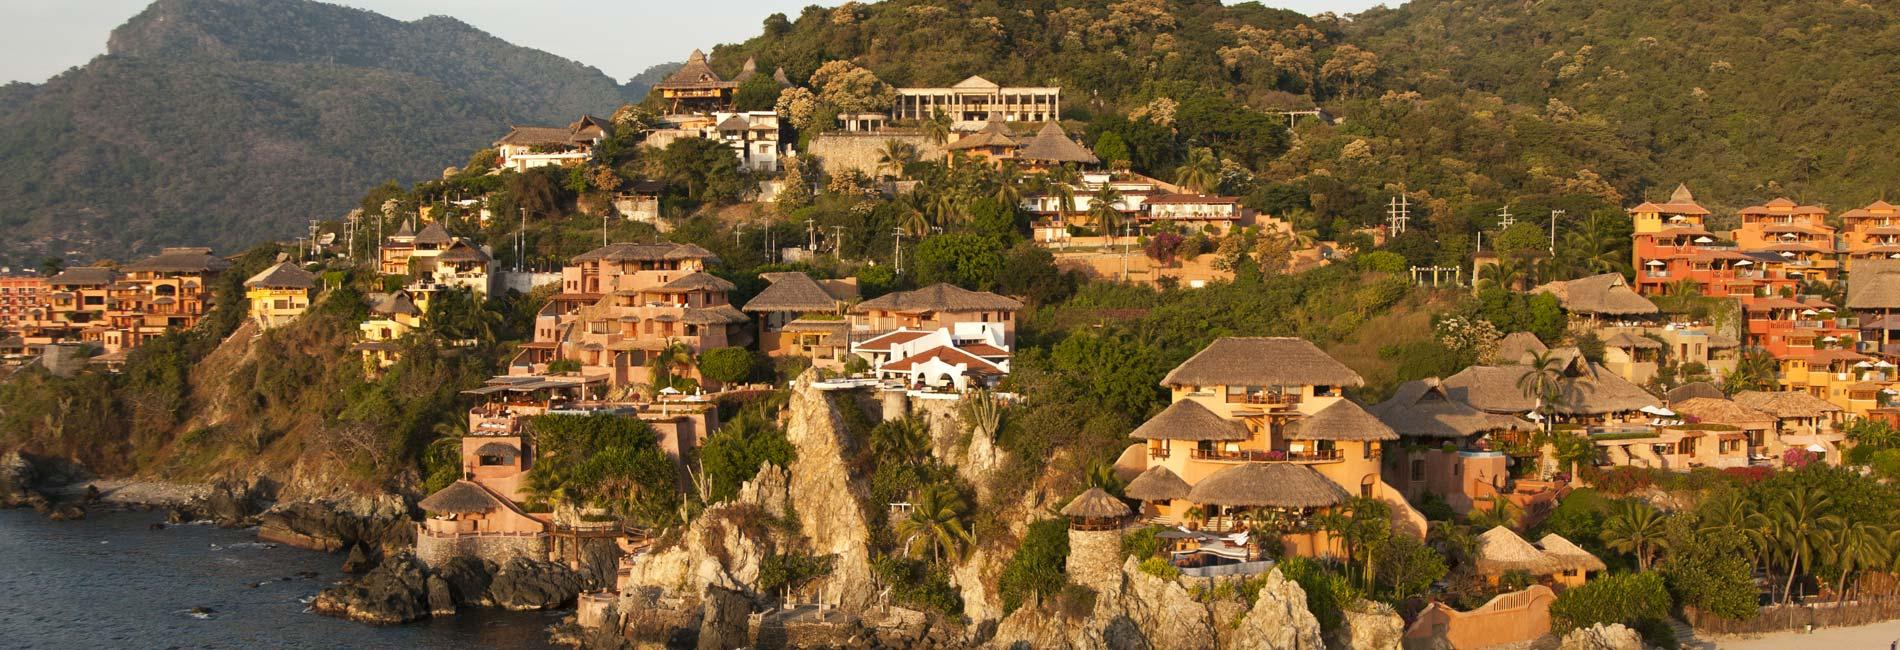 ixtapa zihuatanejo luxury villas